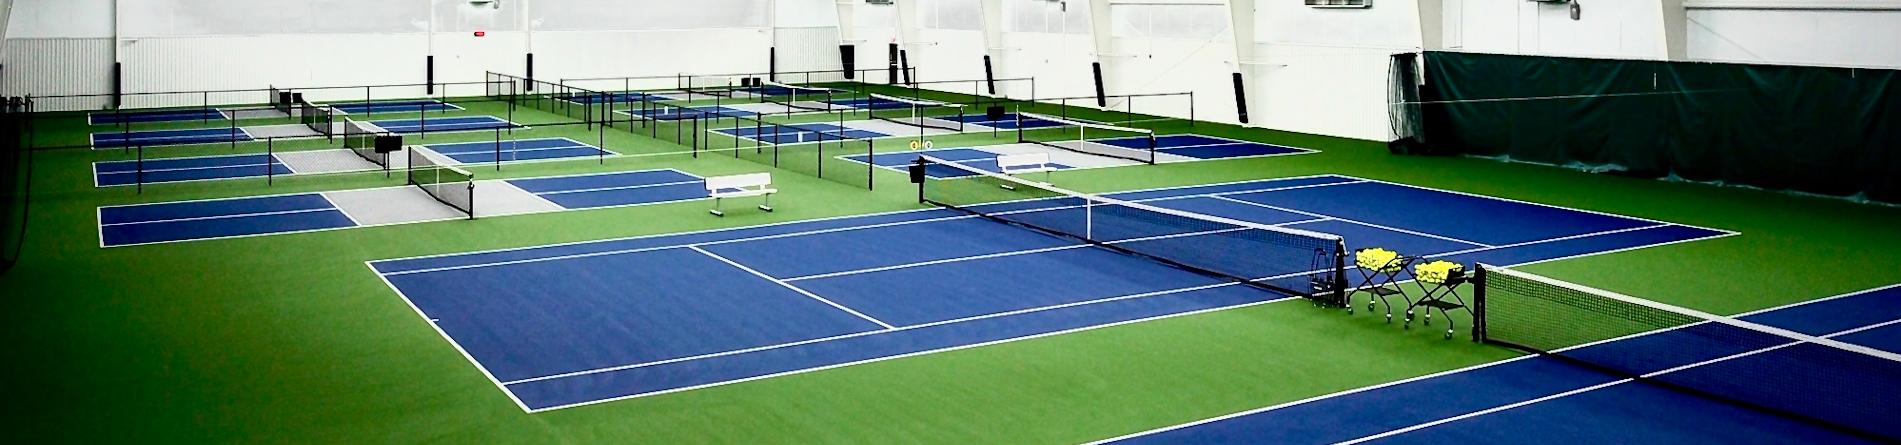 banner sub tennis